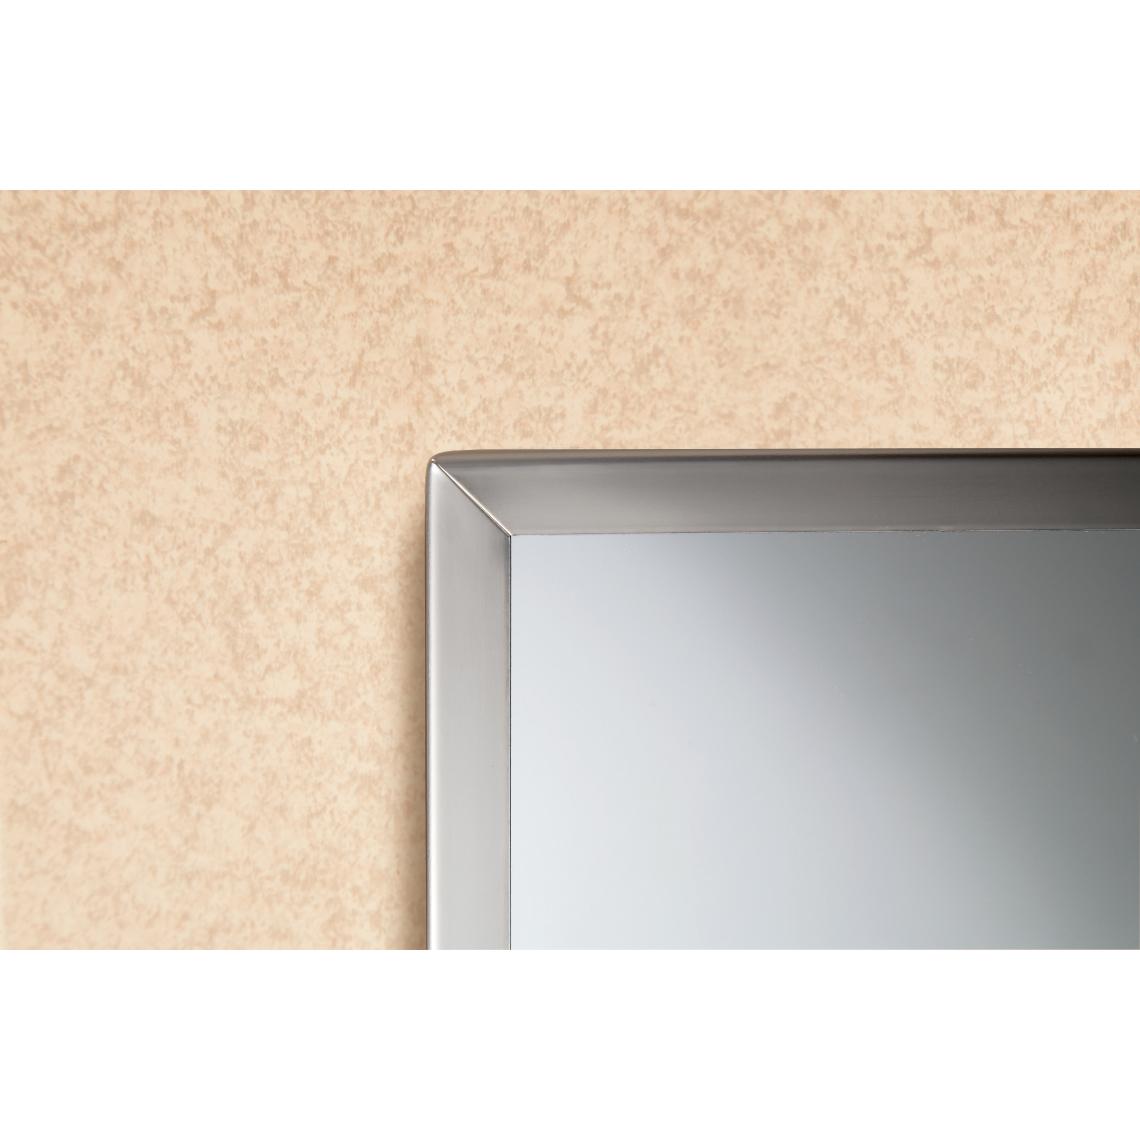 165 Channel Frame Mirror